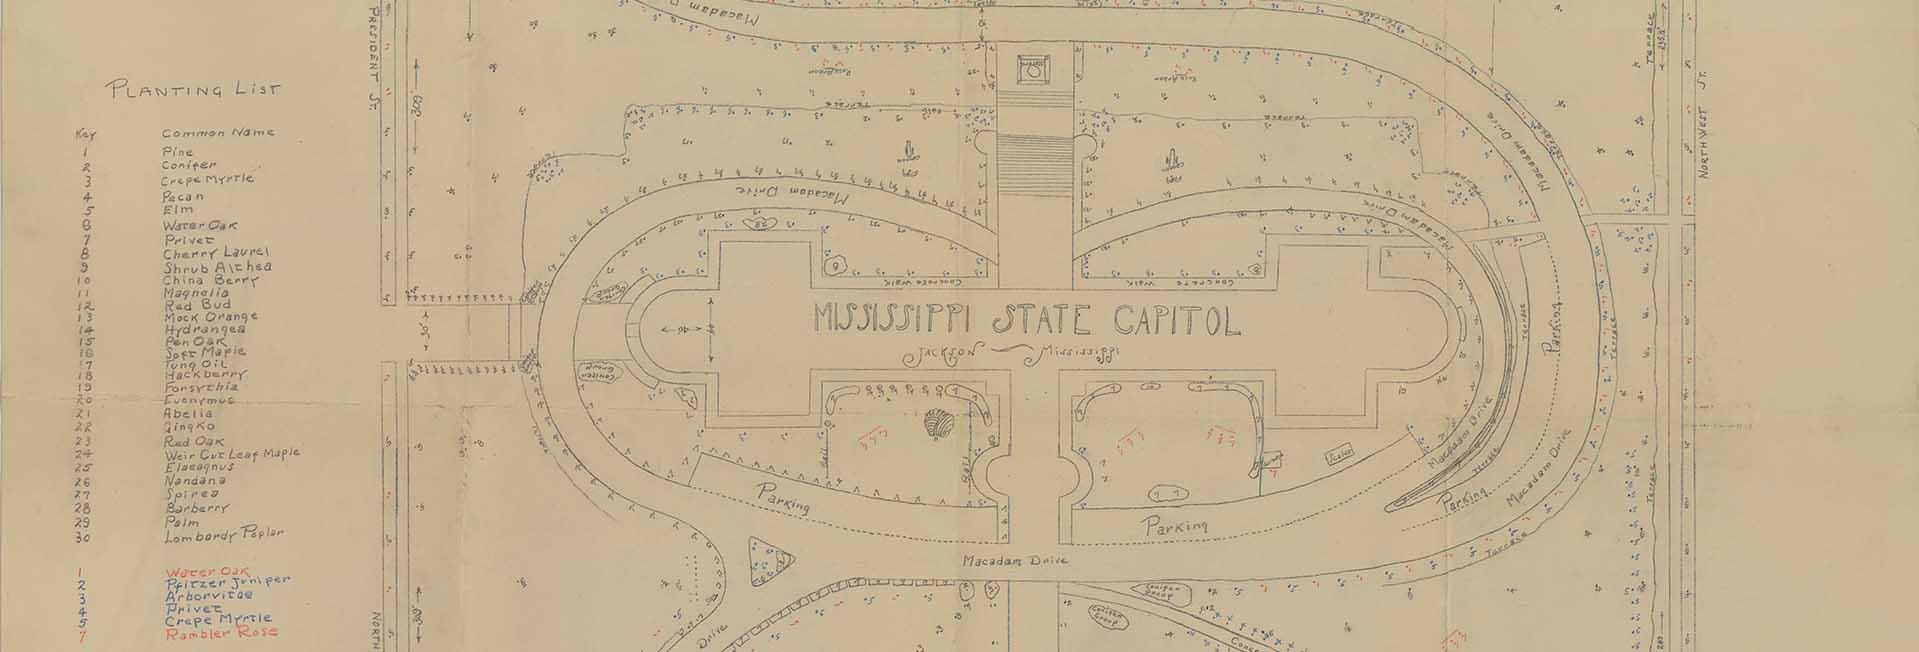 13887-1-map